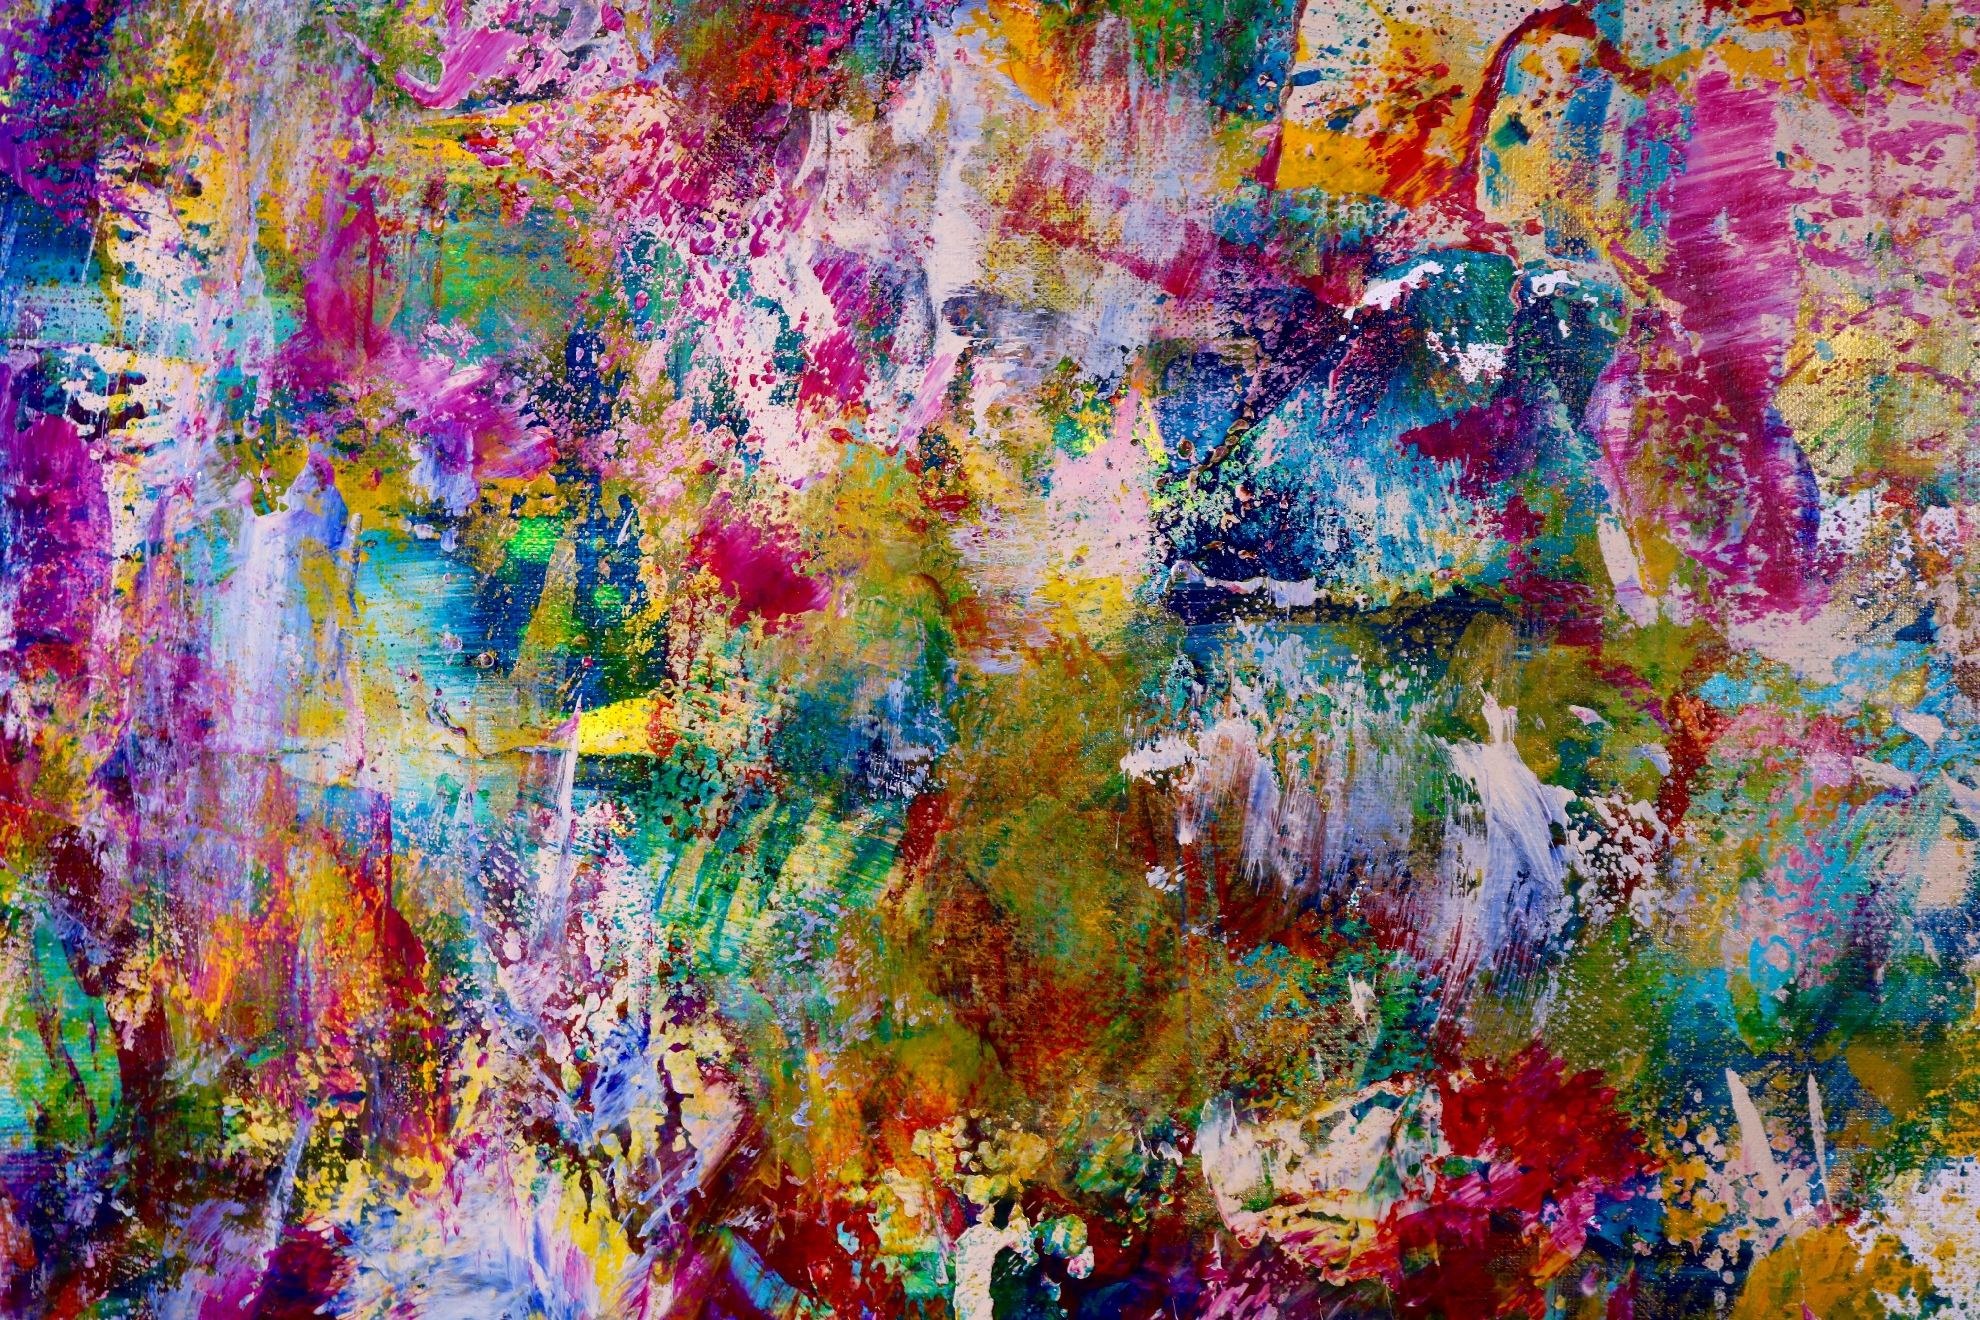 Echoes (Botanical Fantasy) by Nestor Toro